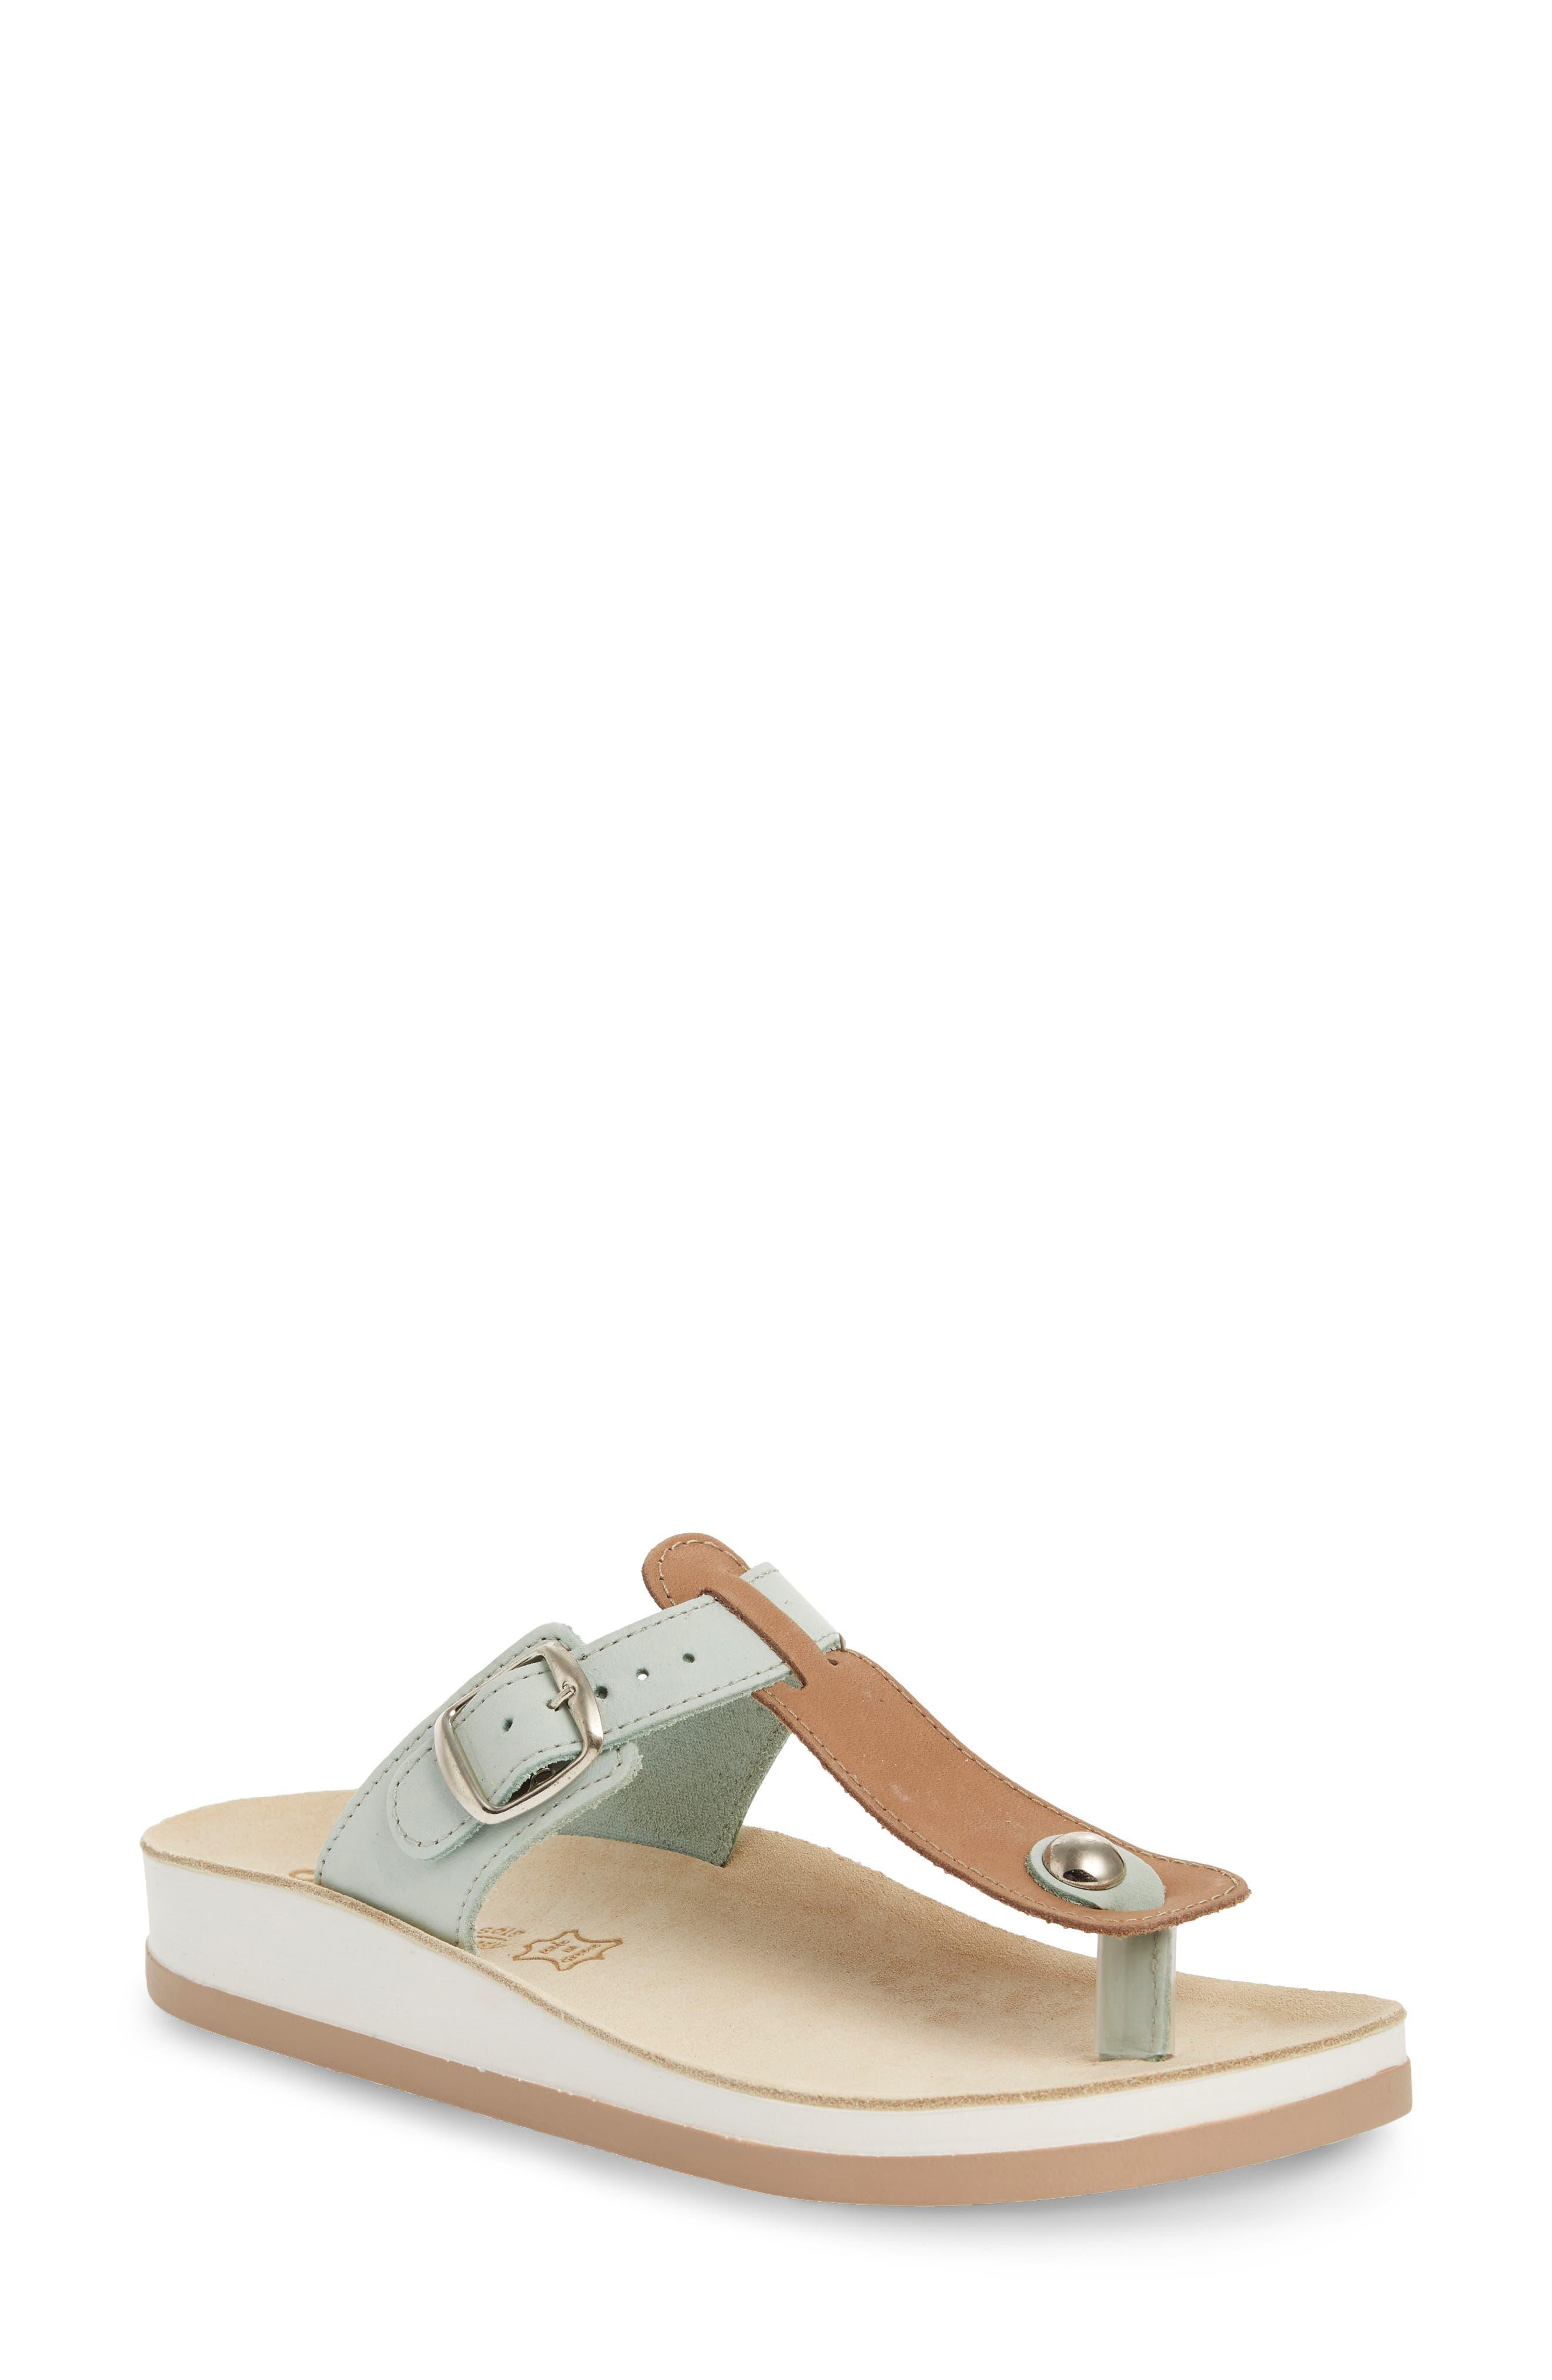 Viola Sandal,                         Main,                         color, Pistachio Beige Leather